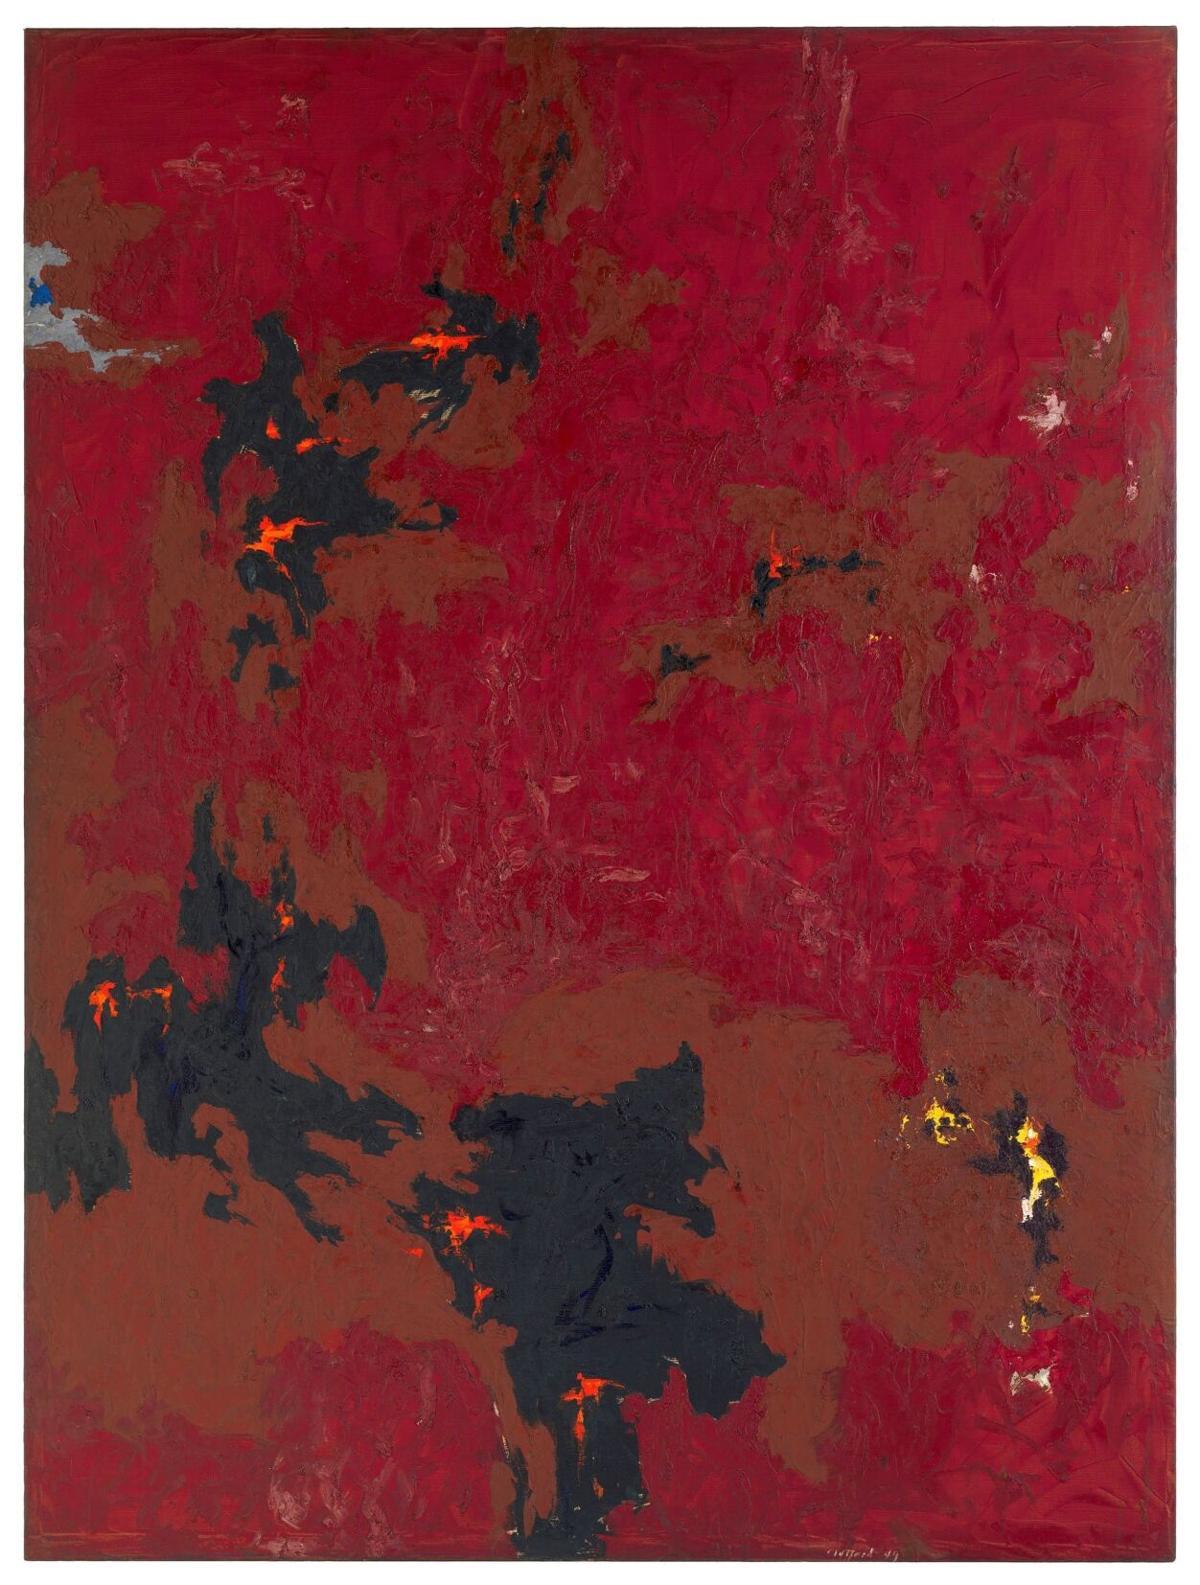 Clyfford Still (1904-1980), PH-338 (1949-No. 2), 1949, Oil on canvas, 91 3/4 x 68 7/8 in.